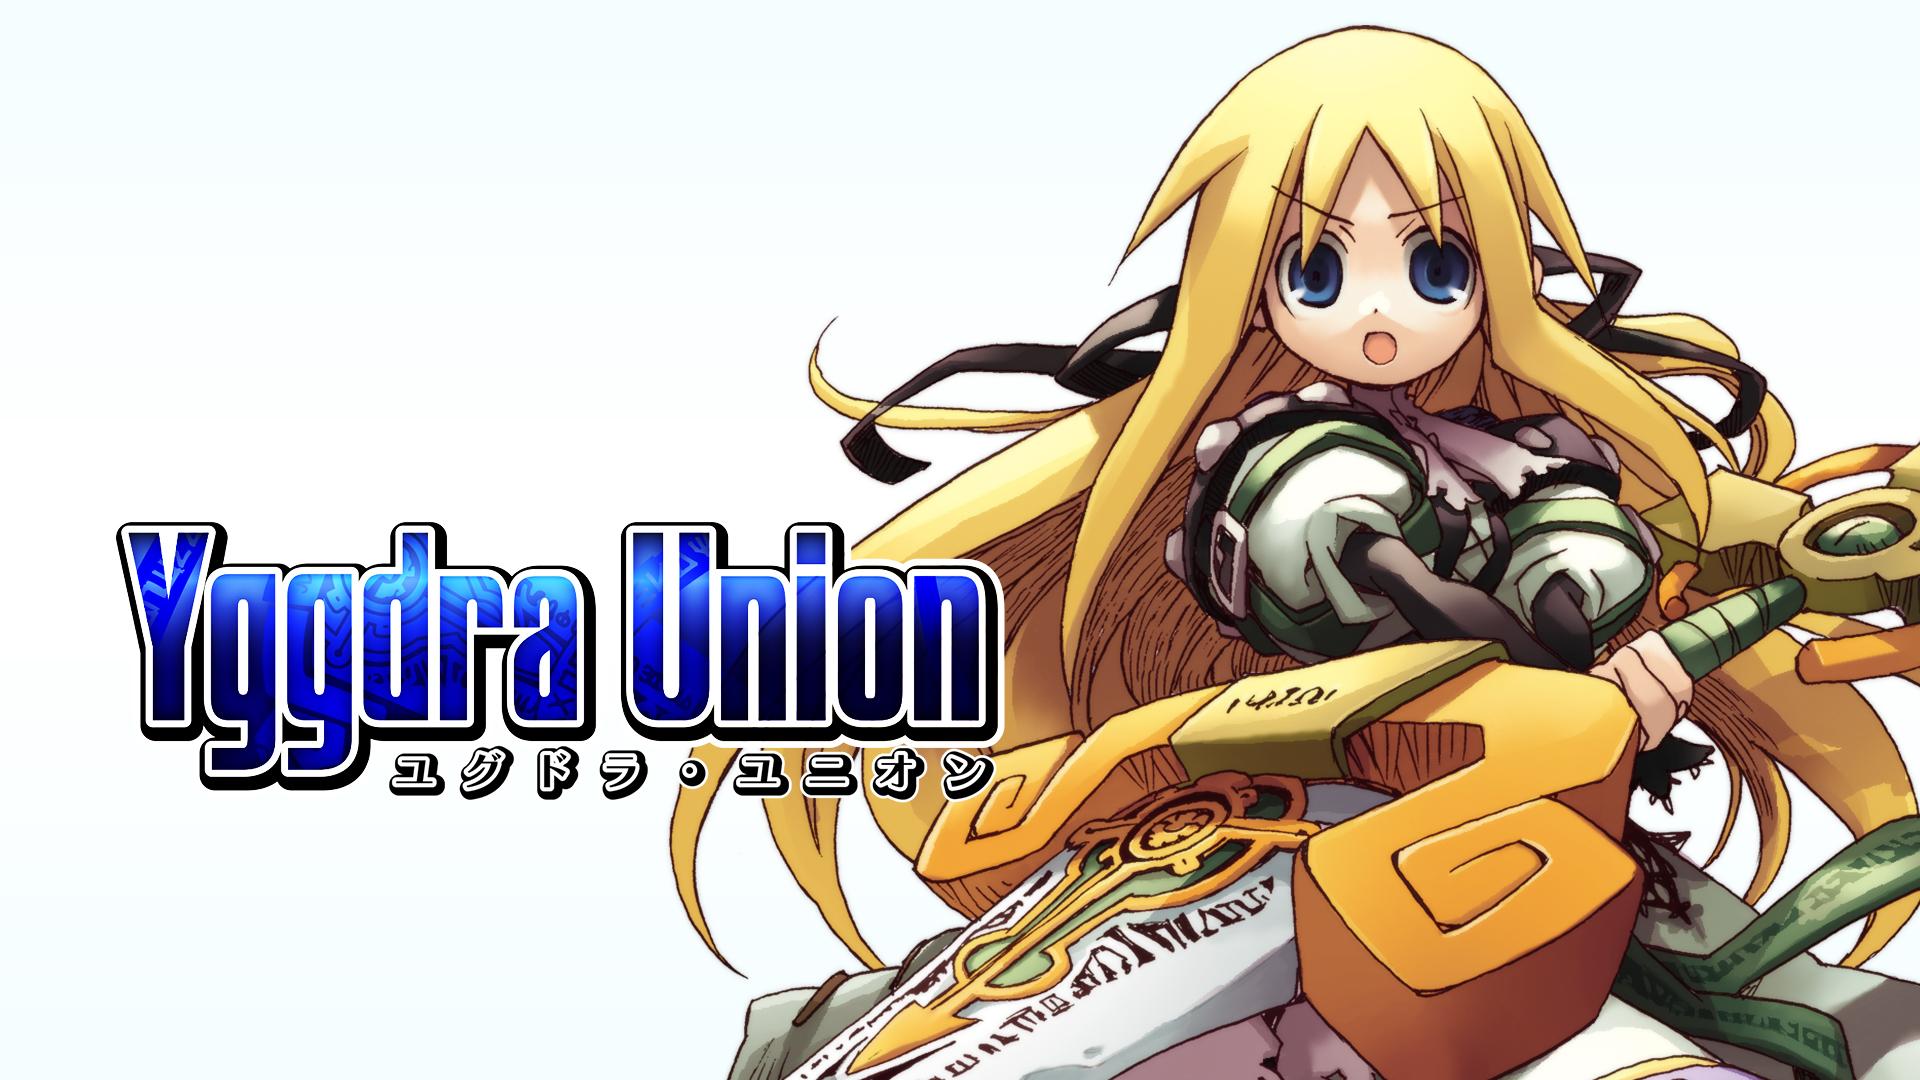 Nintendo Switch|ダウンロード購入|YGGDRA UNION ユグドラ・ユニオン